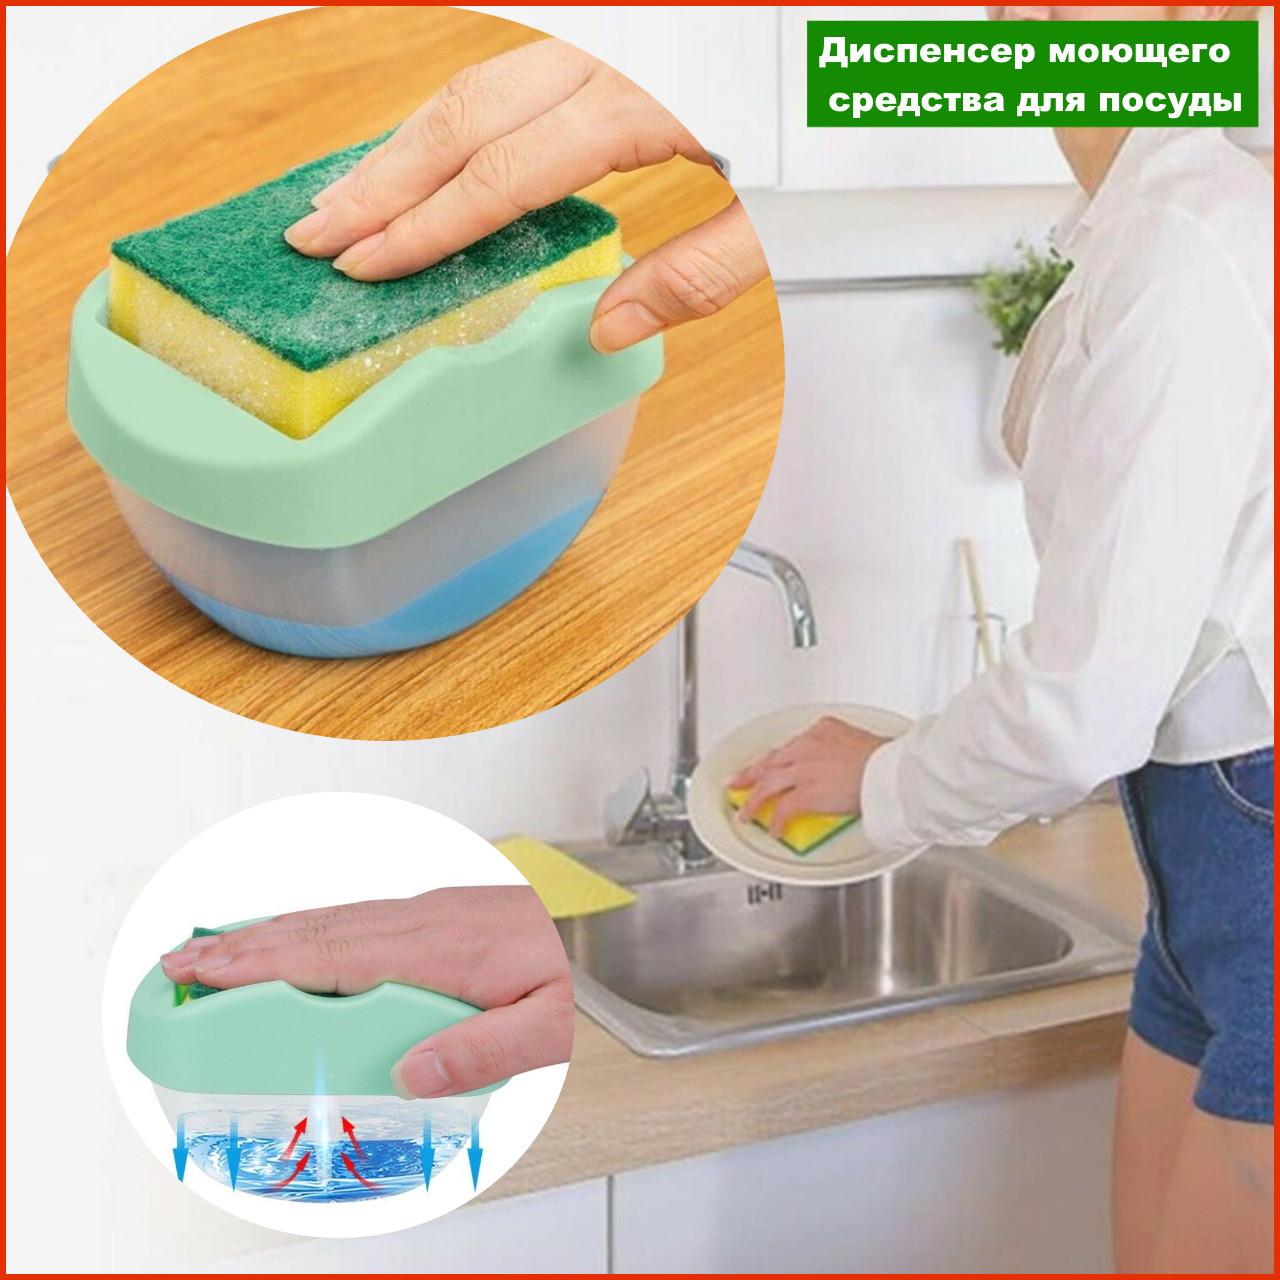 Диспенсер для моющего средства SOAP PUMP SPONGE CADDY дозатор настольный органайзер средства для мытья посуды